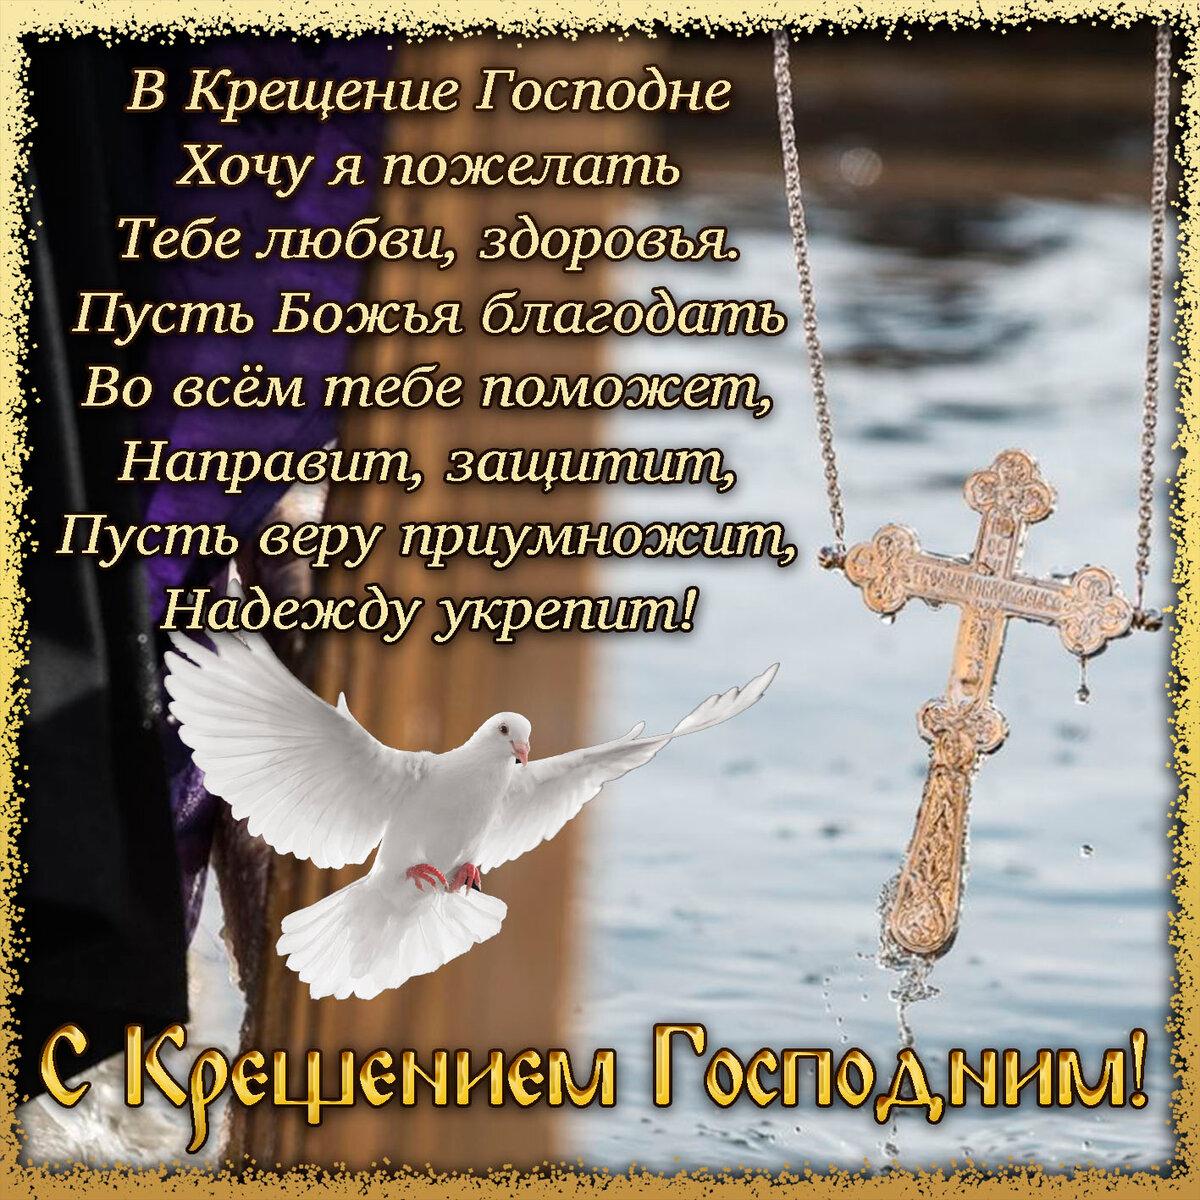 красивые поздравление митрополита с крещением господним день лучшие